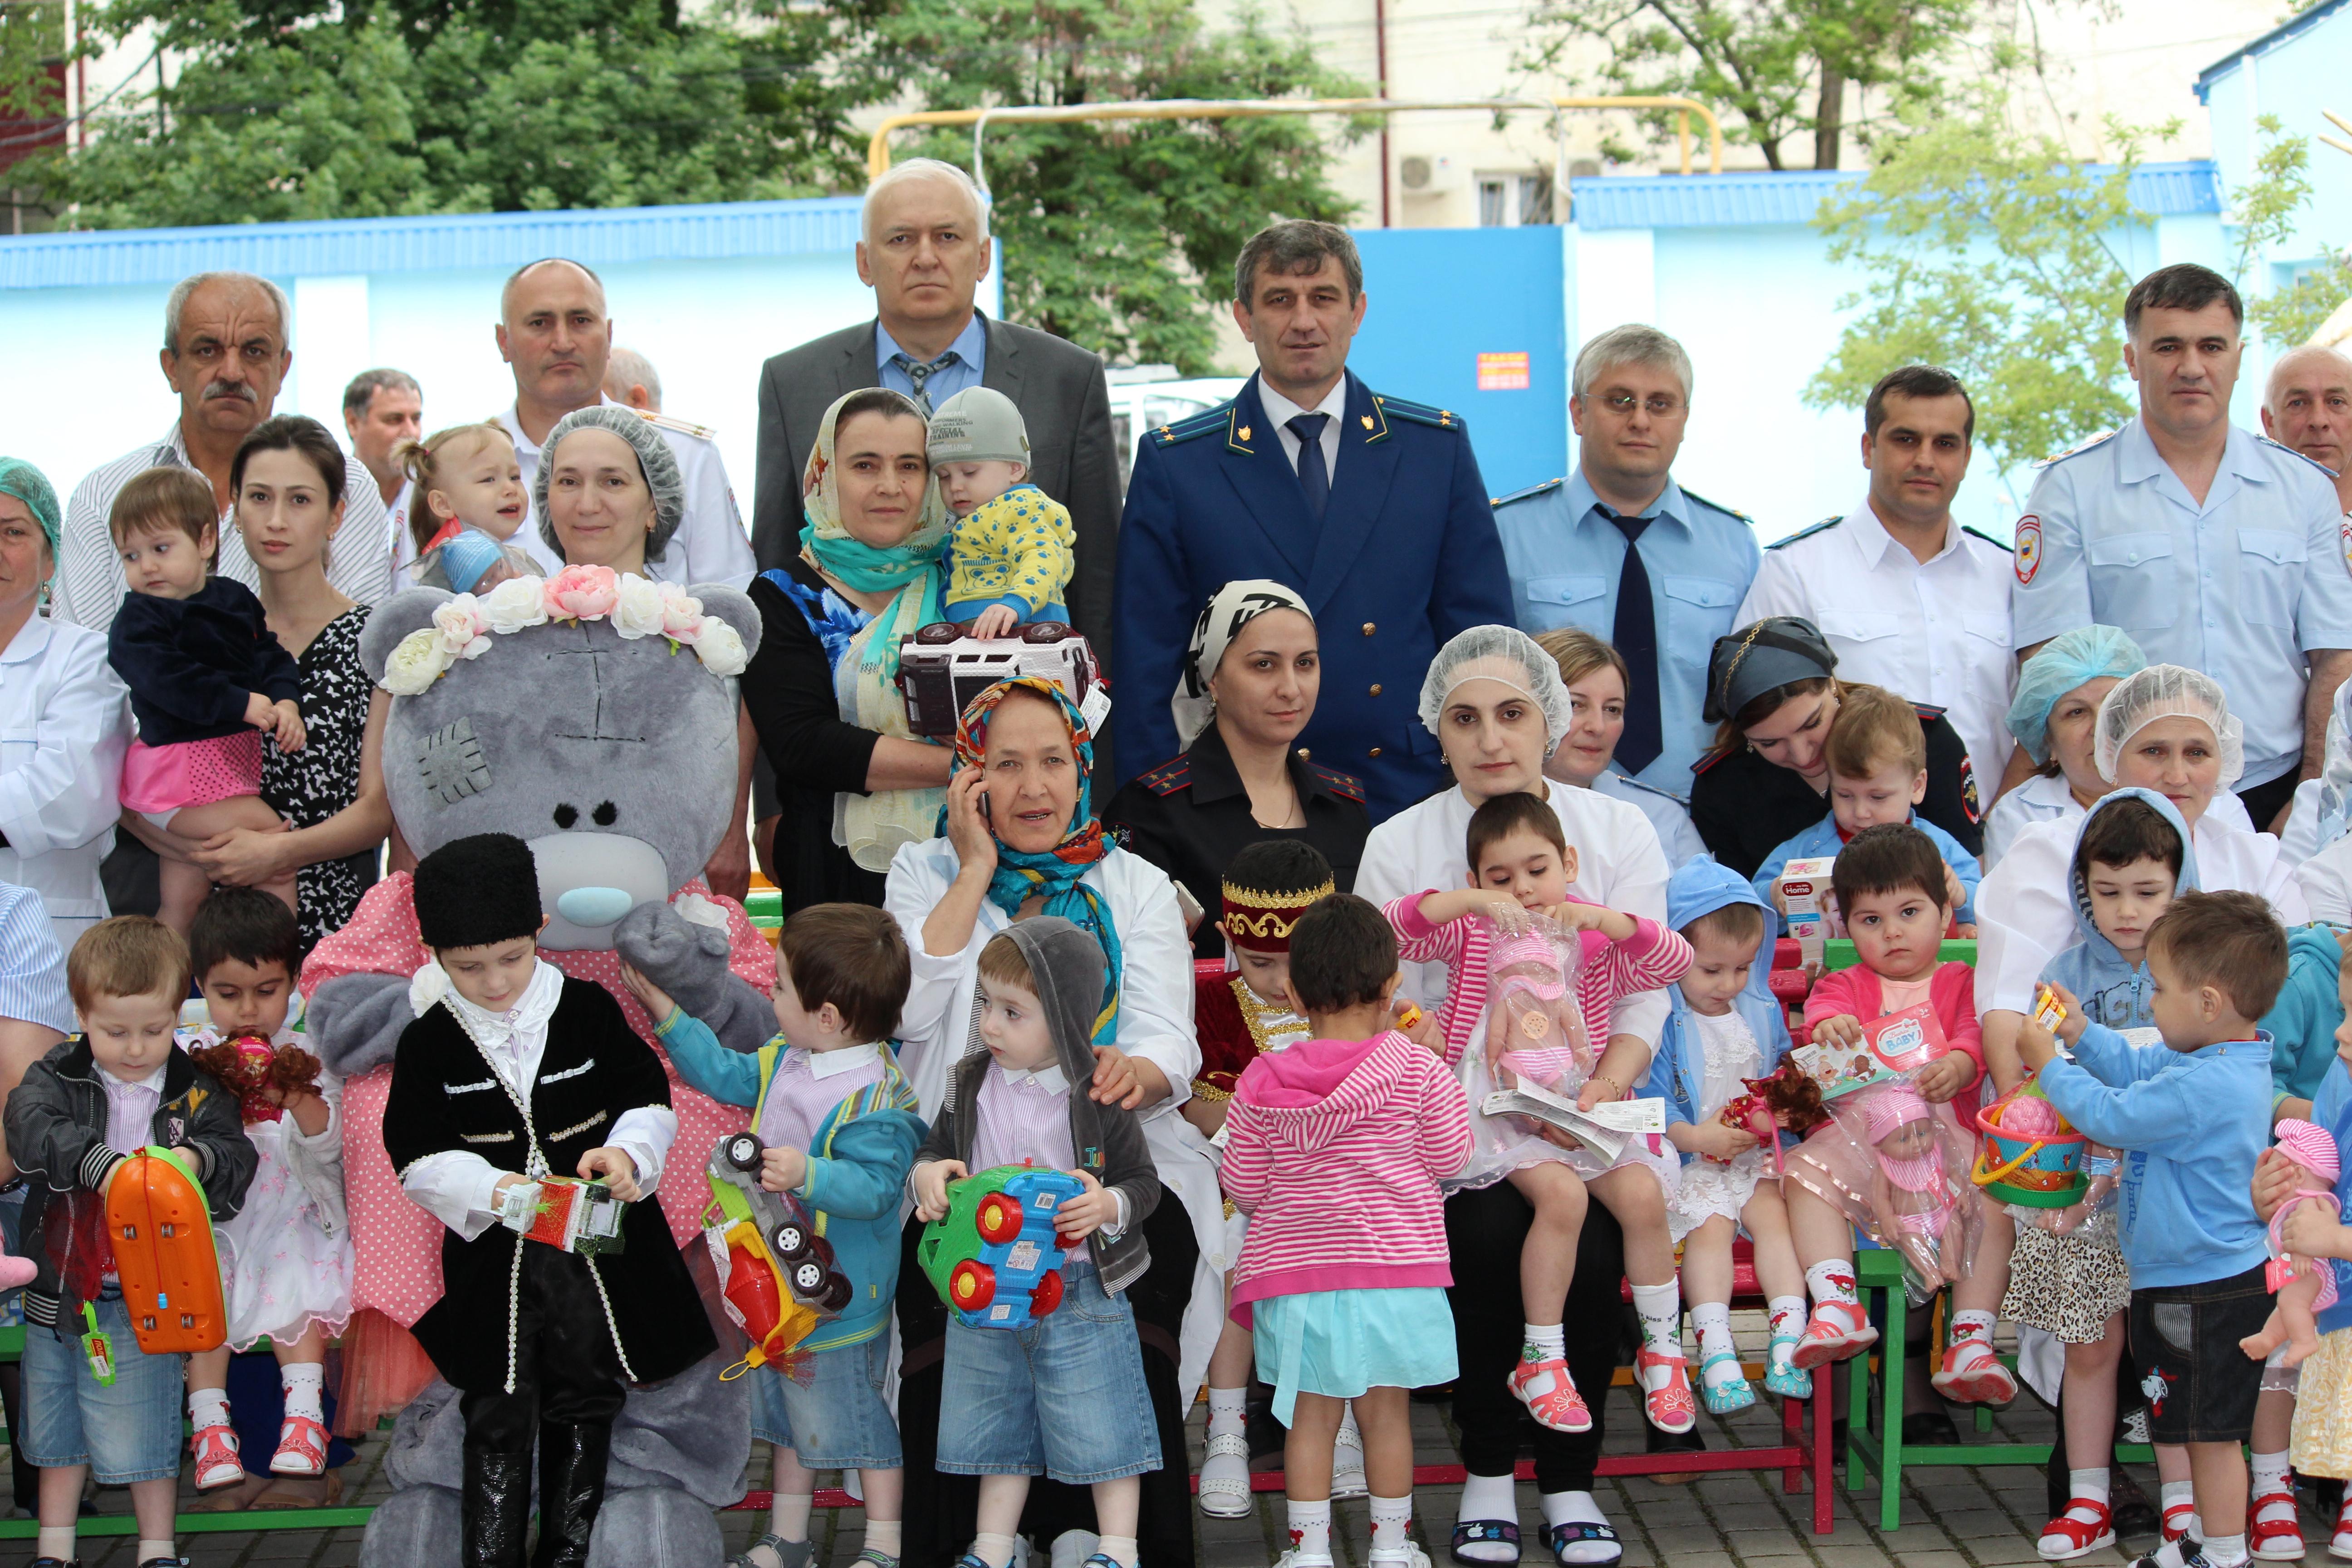 Коллектив Россельхознадзора Дагестана посетил дом ребенка в Буйнакске